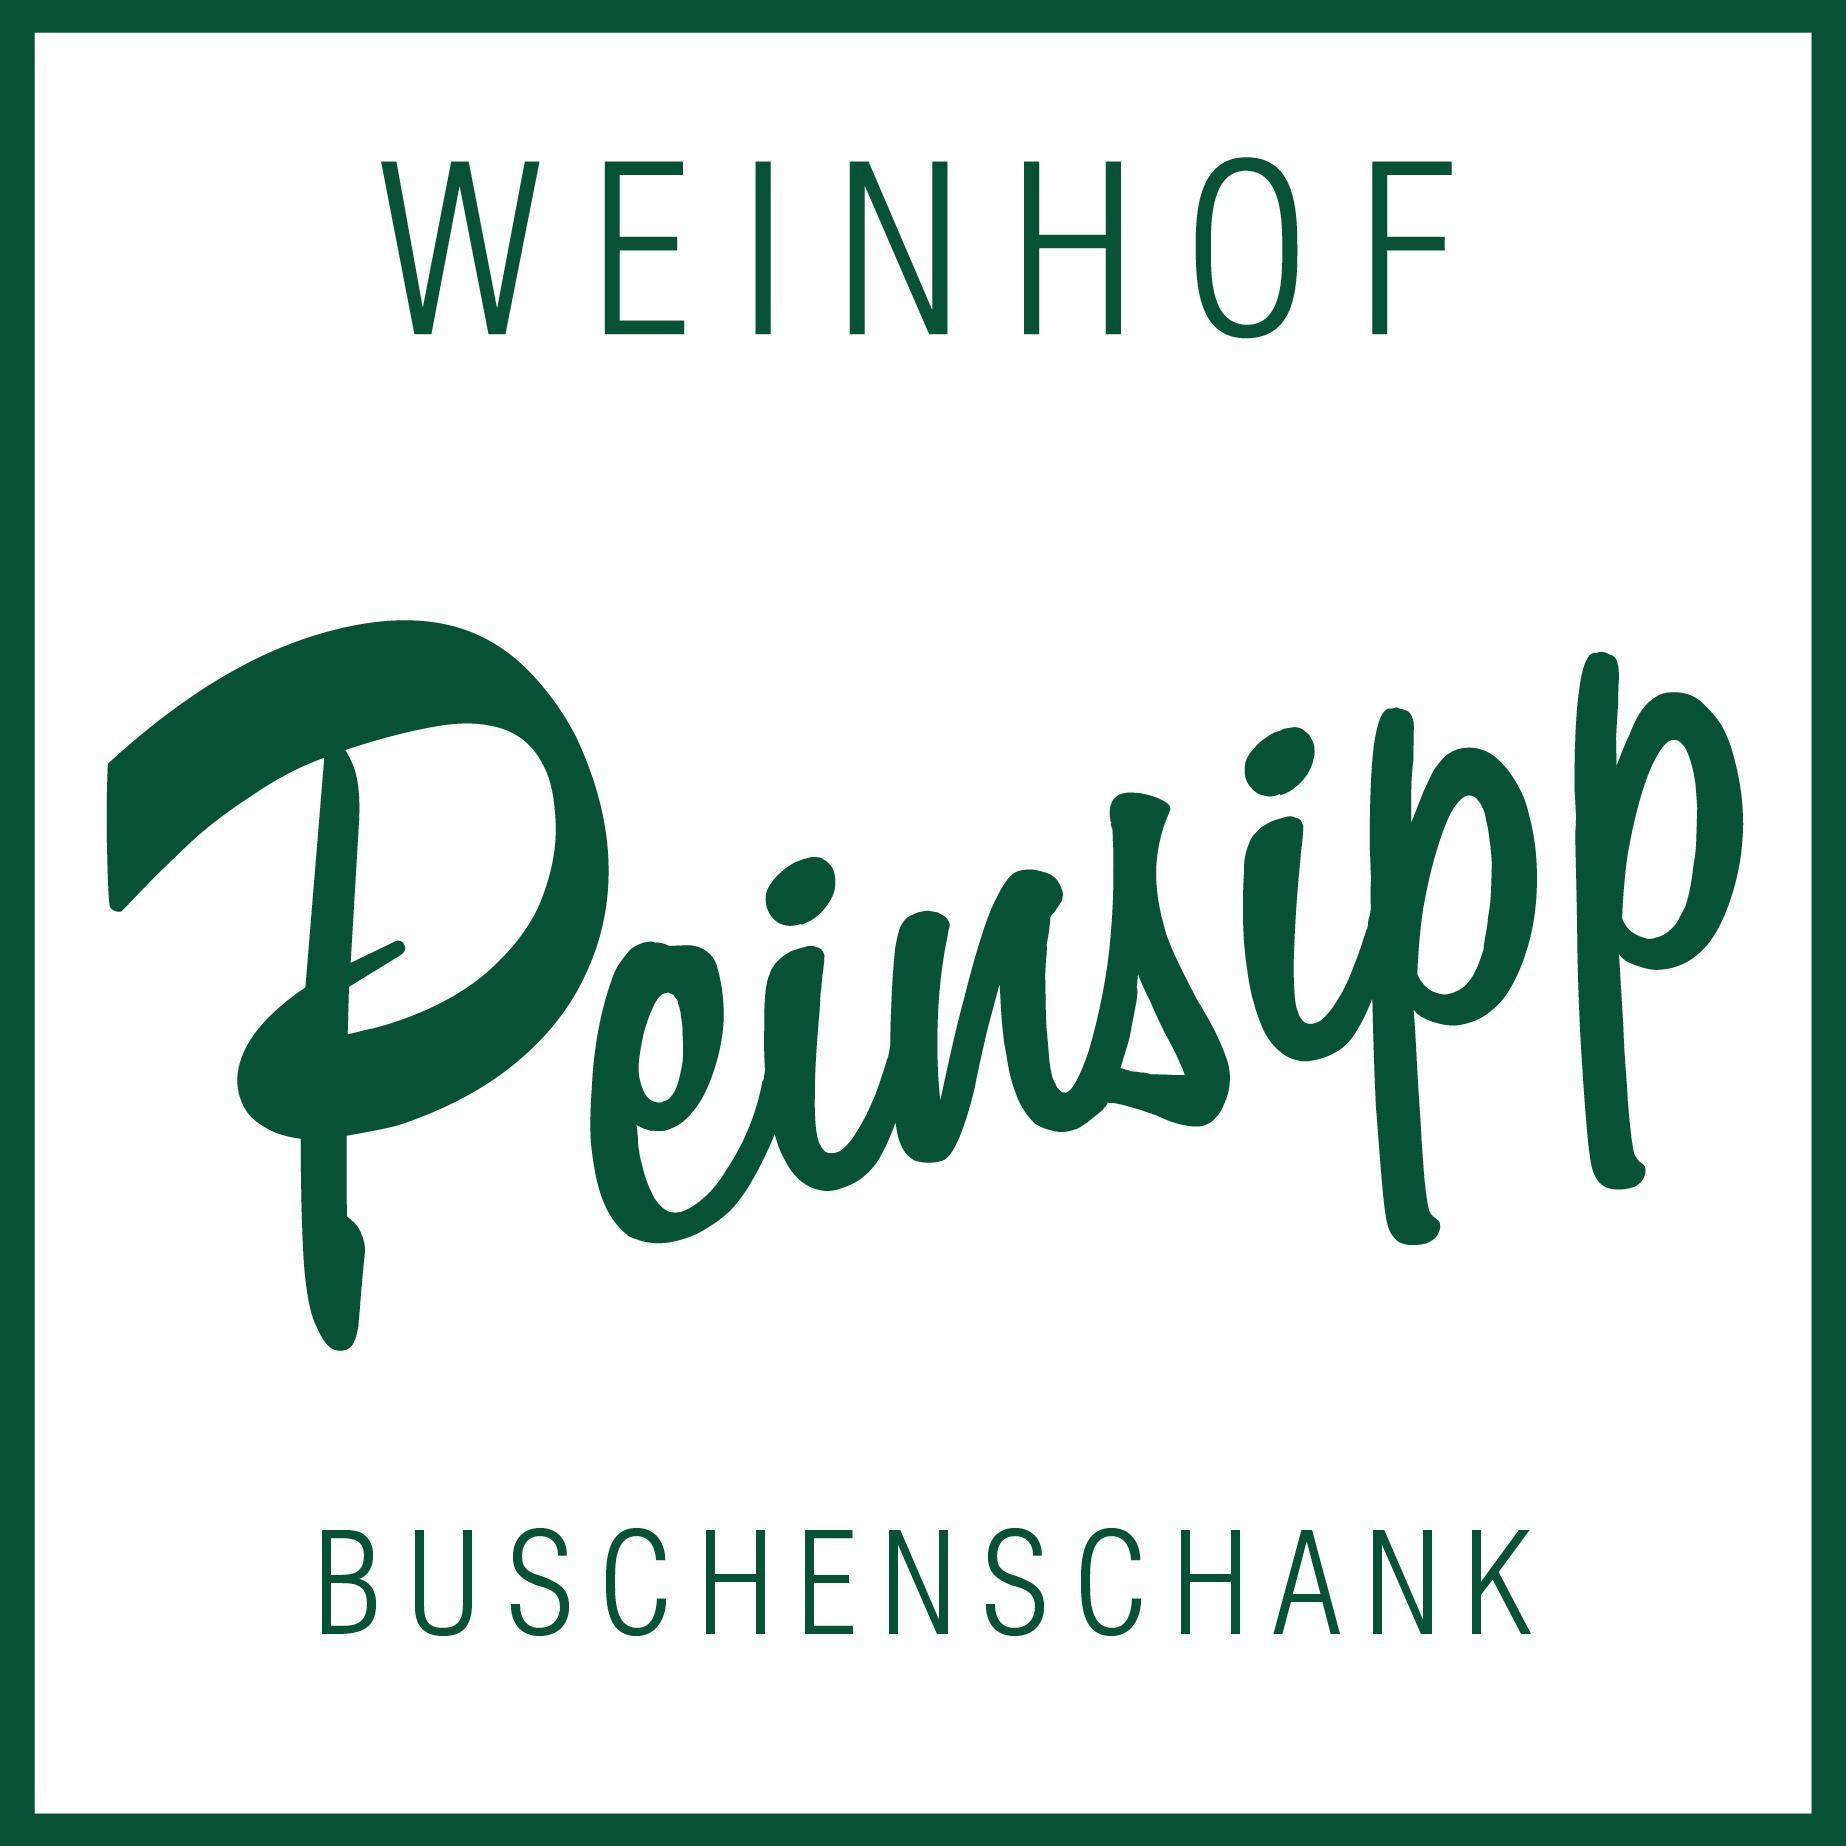 Weinhof Buschenschank PEINSIPP